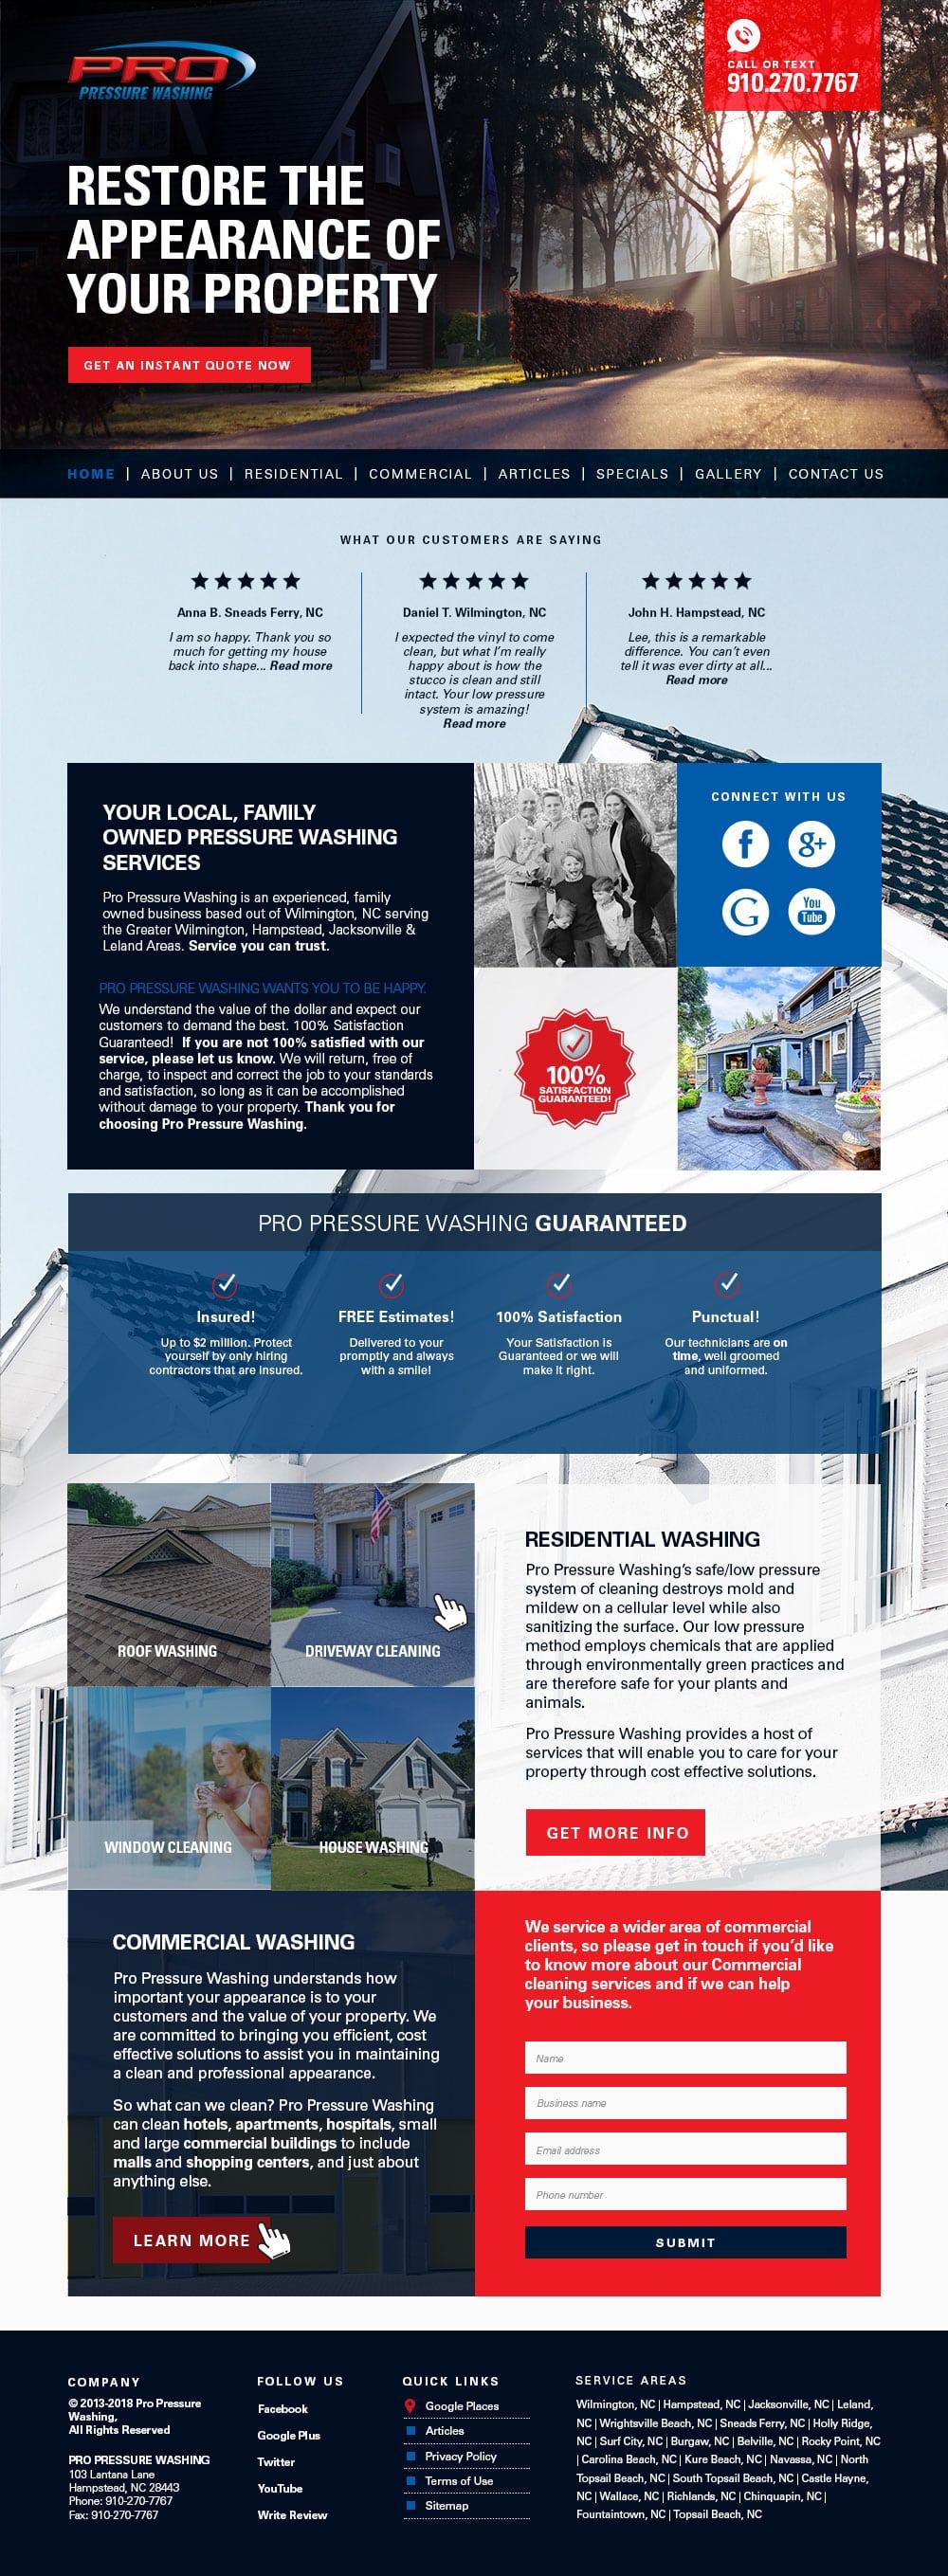 Melbourne Fl Website Design